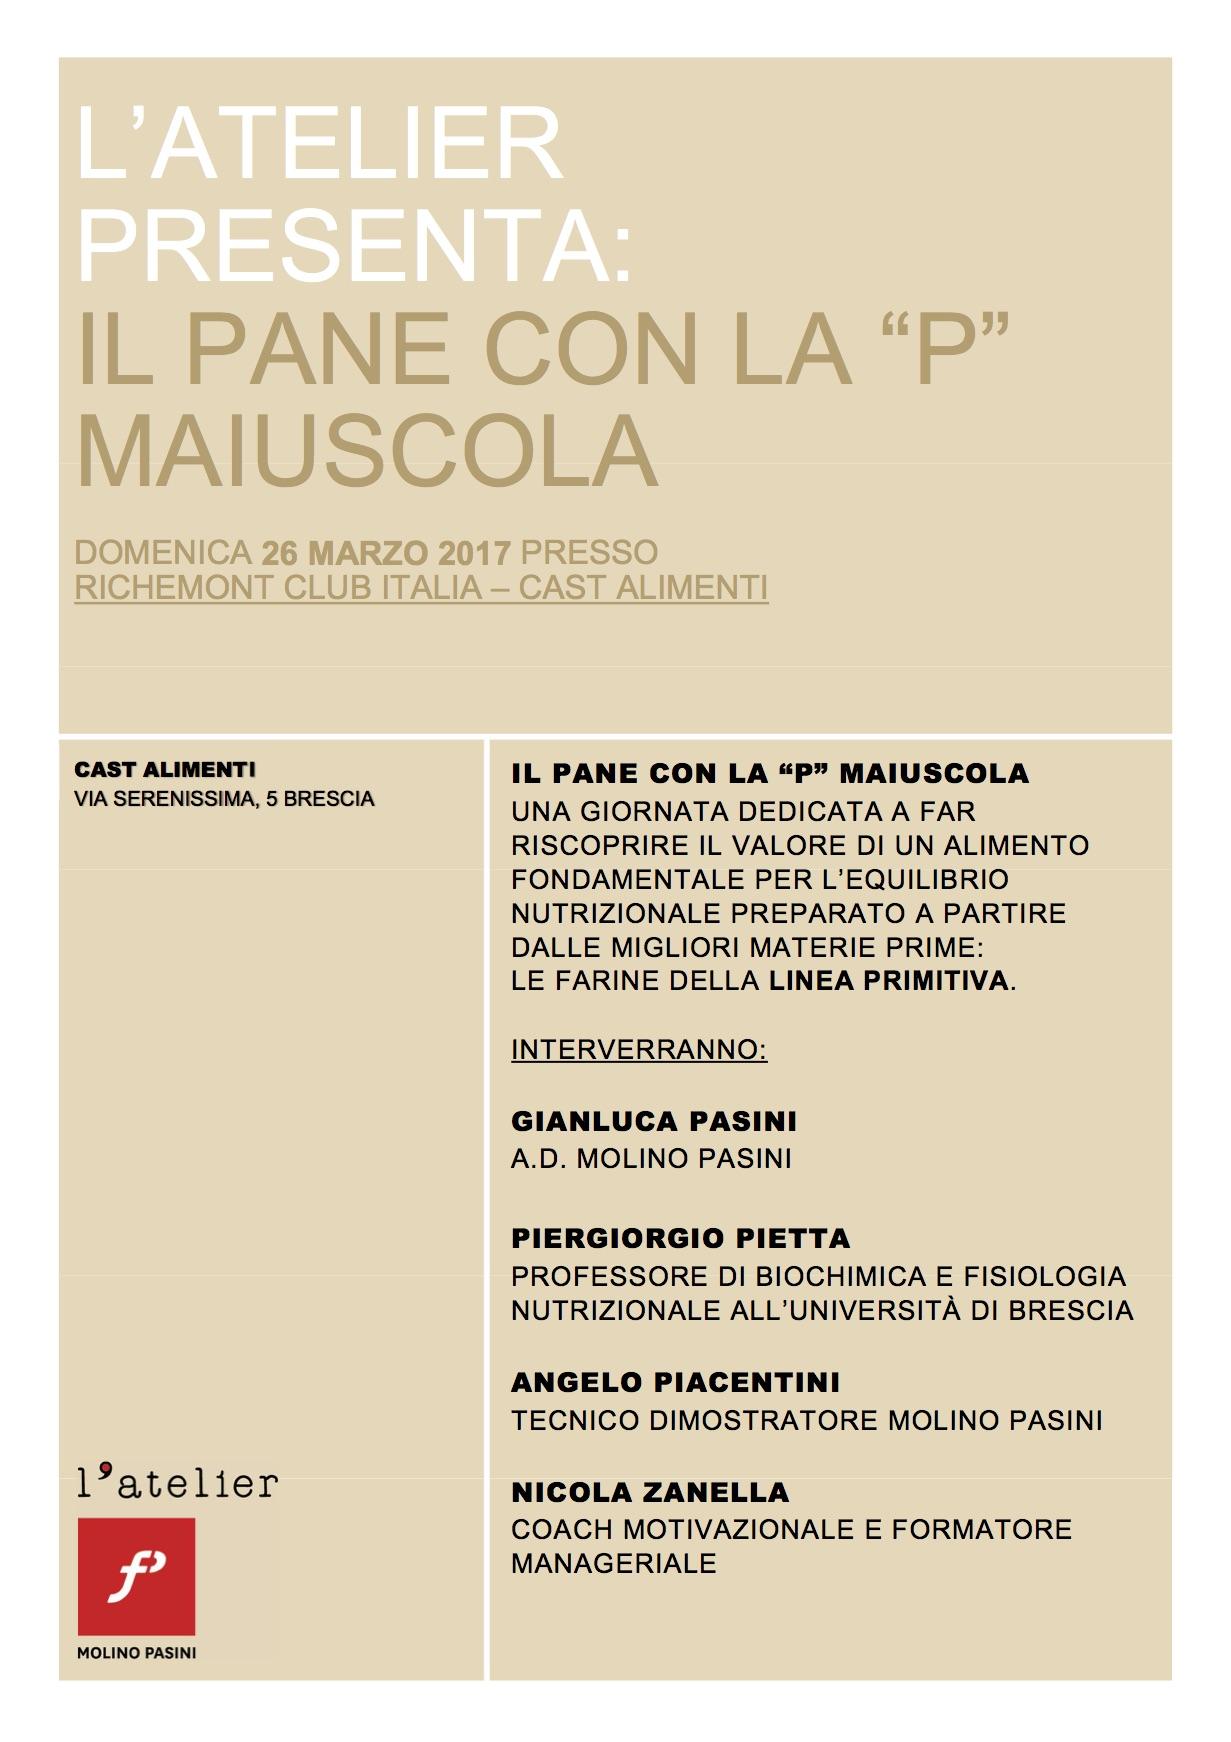 invitation-il-pane-con-la-p-maiuscola